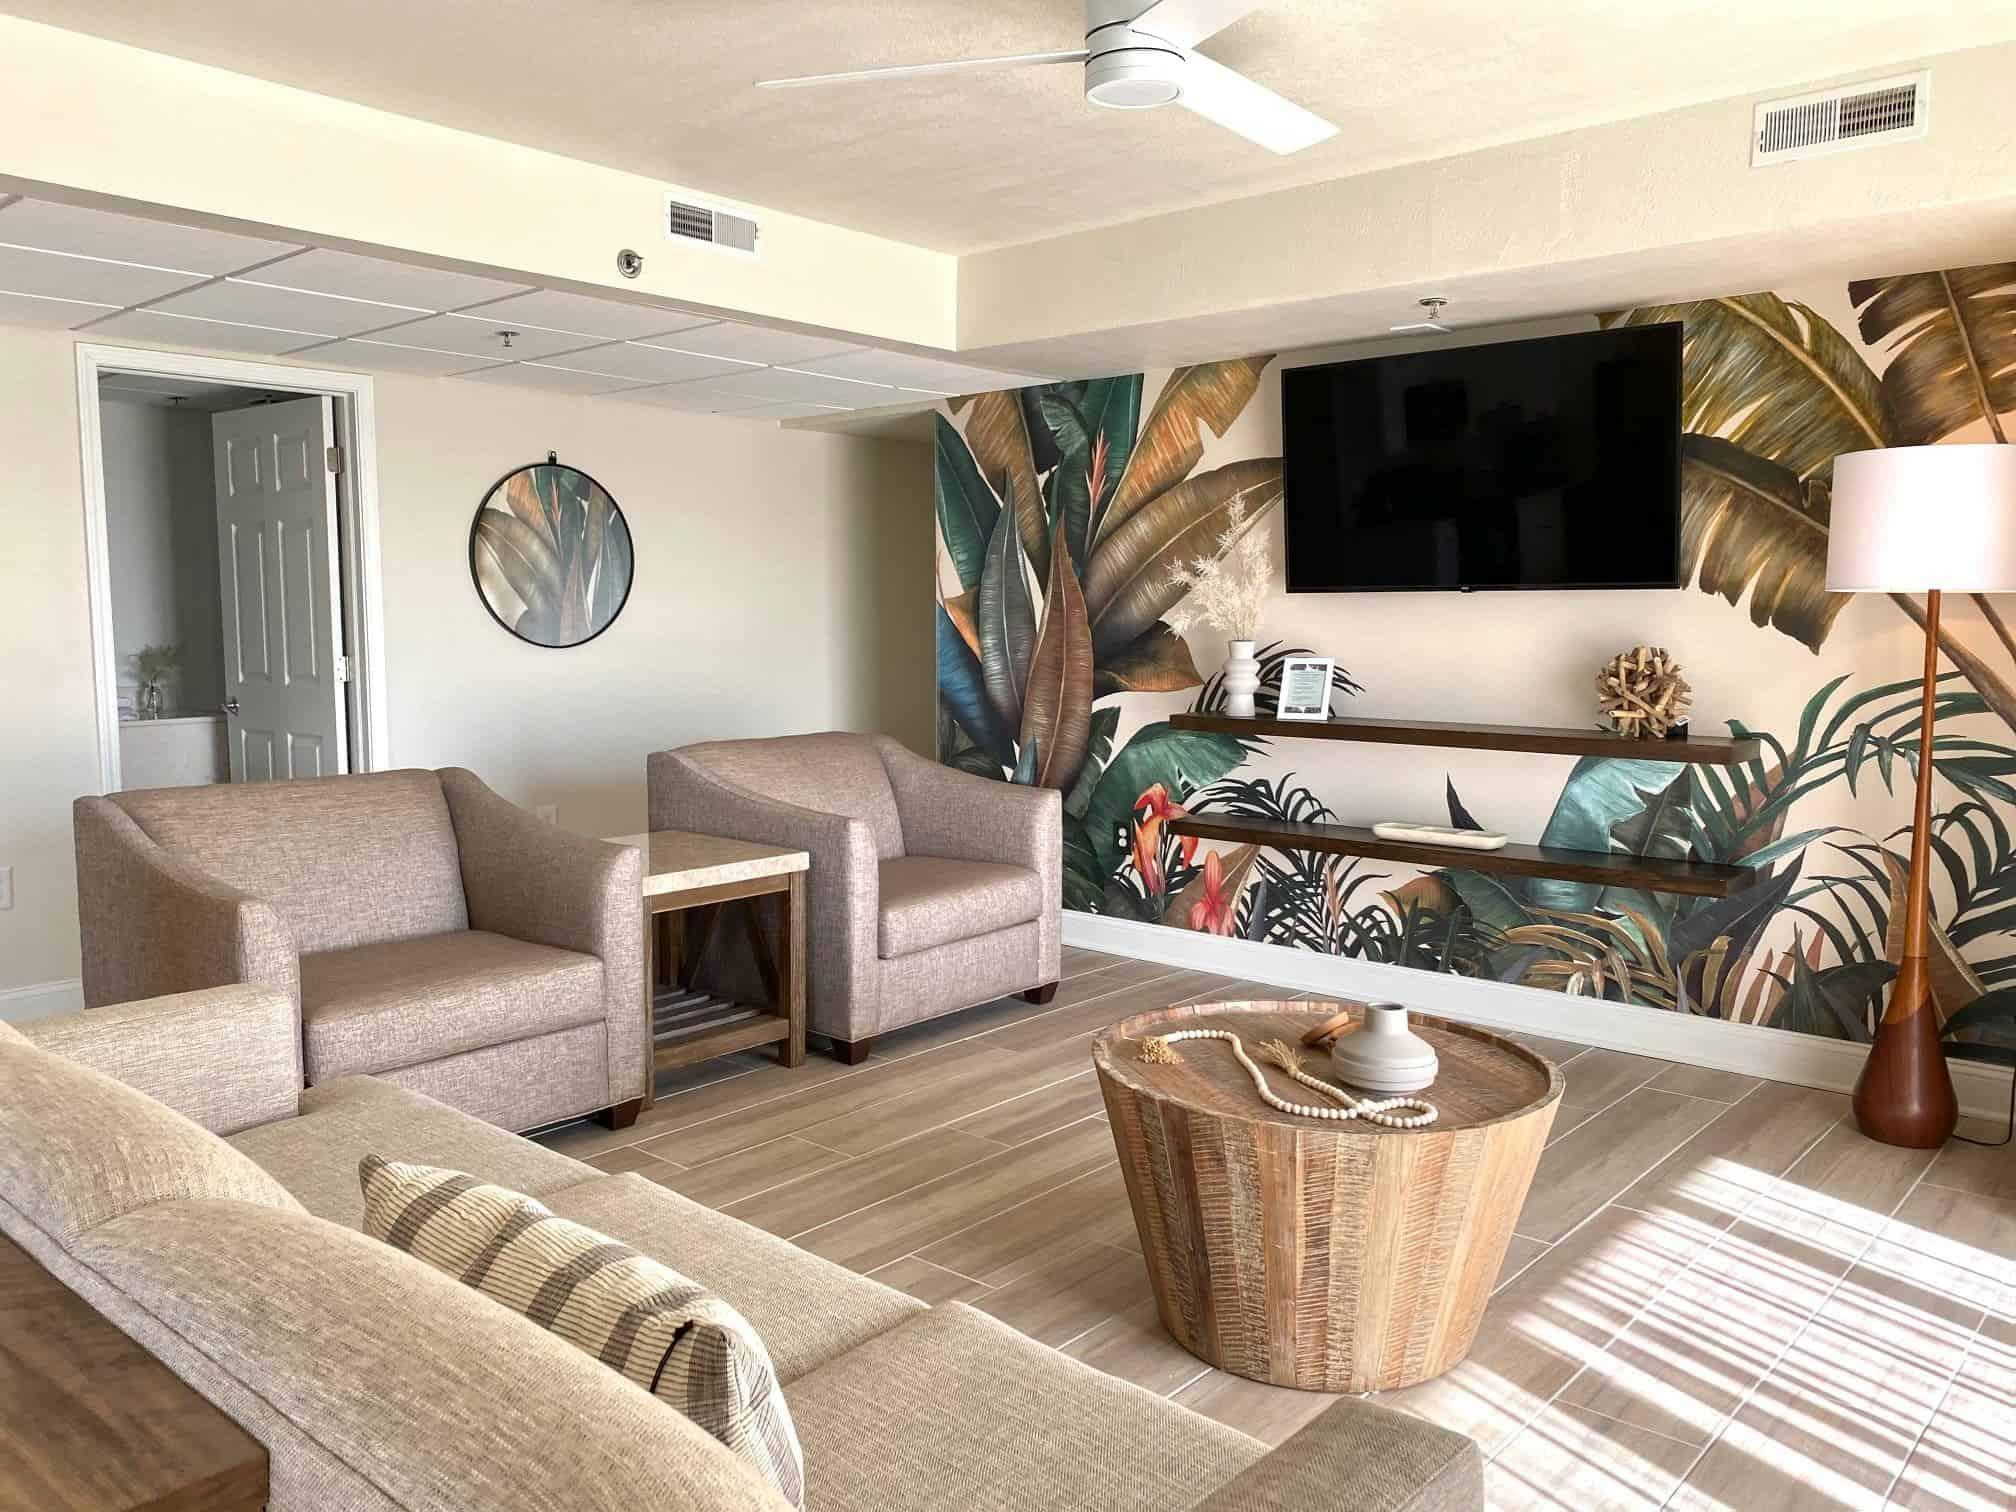 Montego Bay Resort Gets MAJOR Renovation!